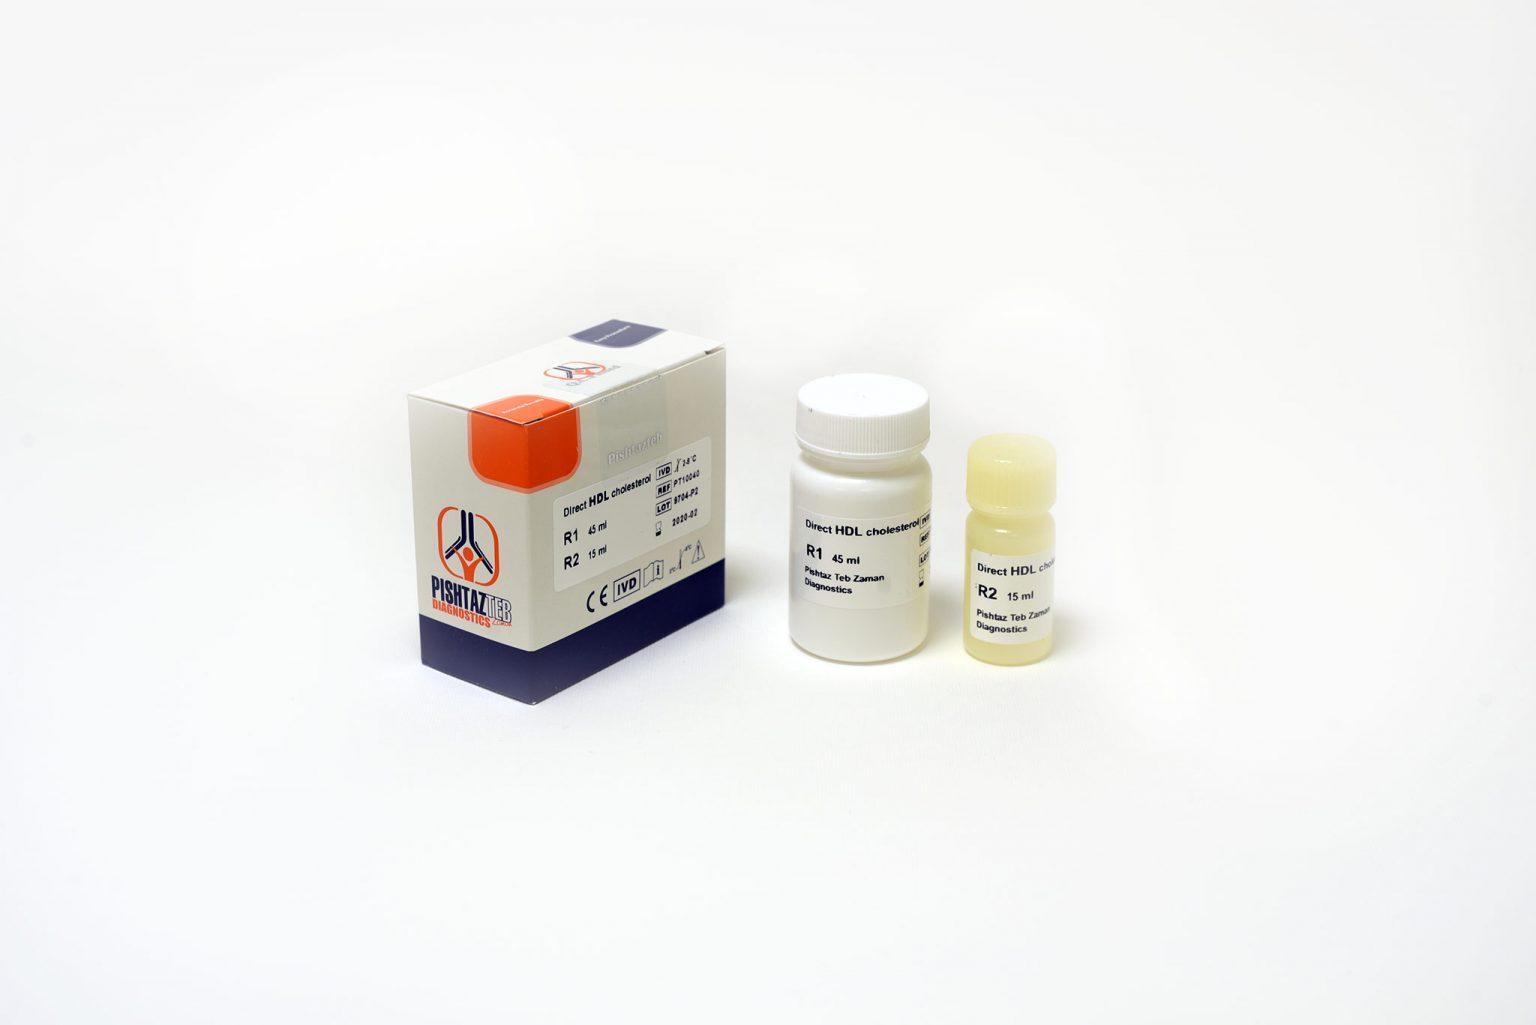 کیت بیوشیمی HDL-C